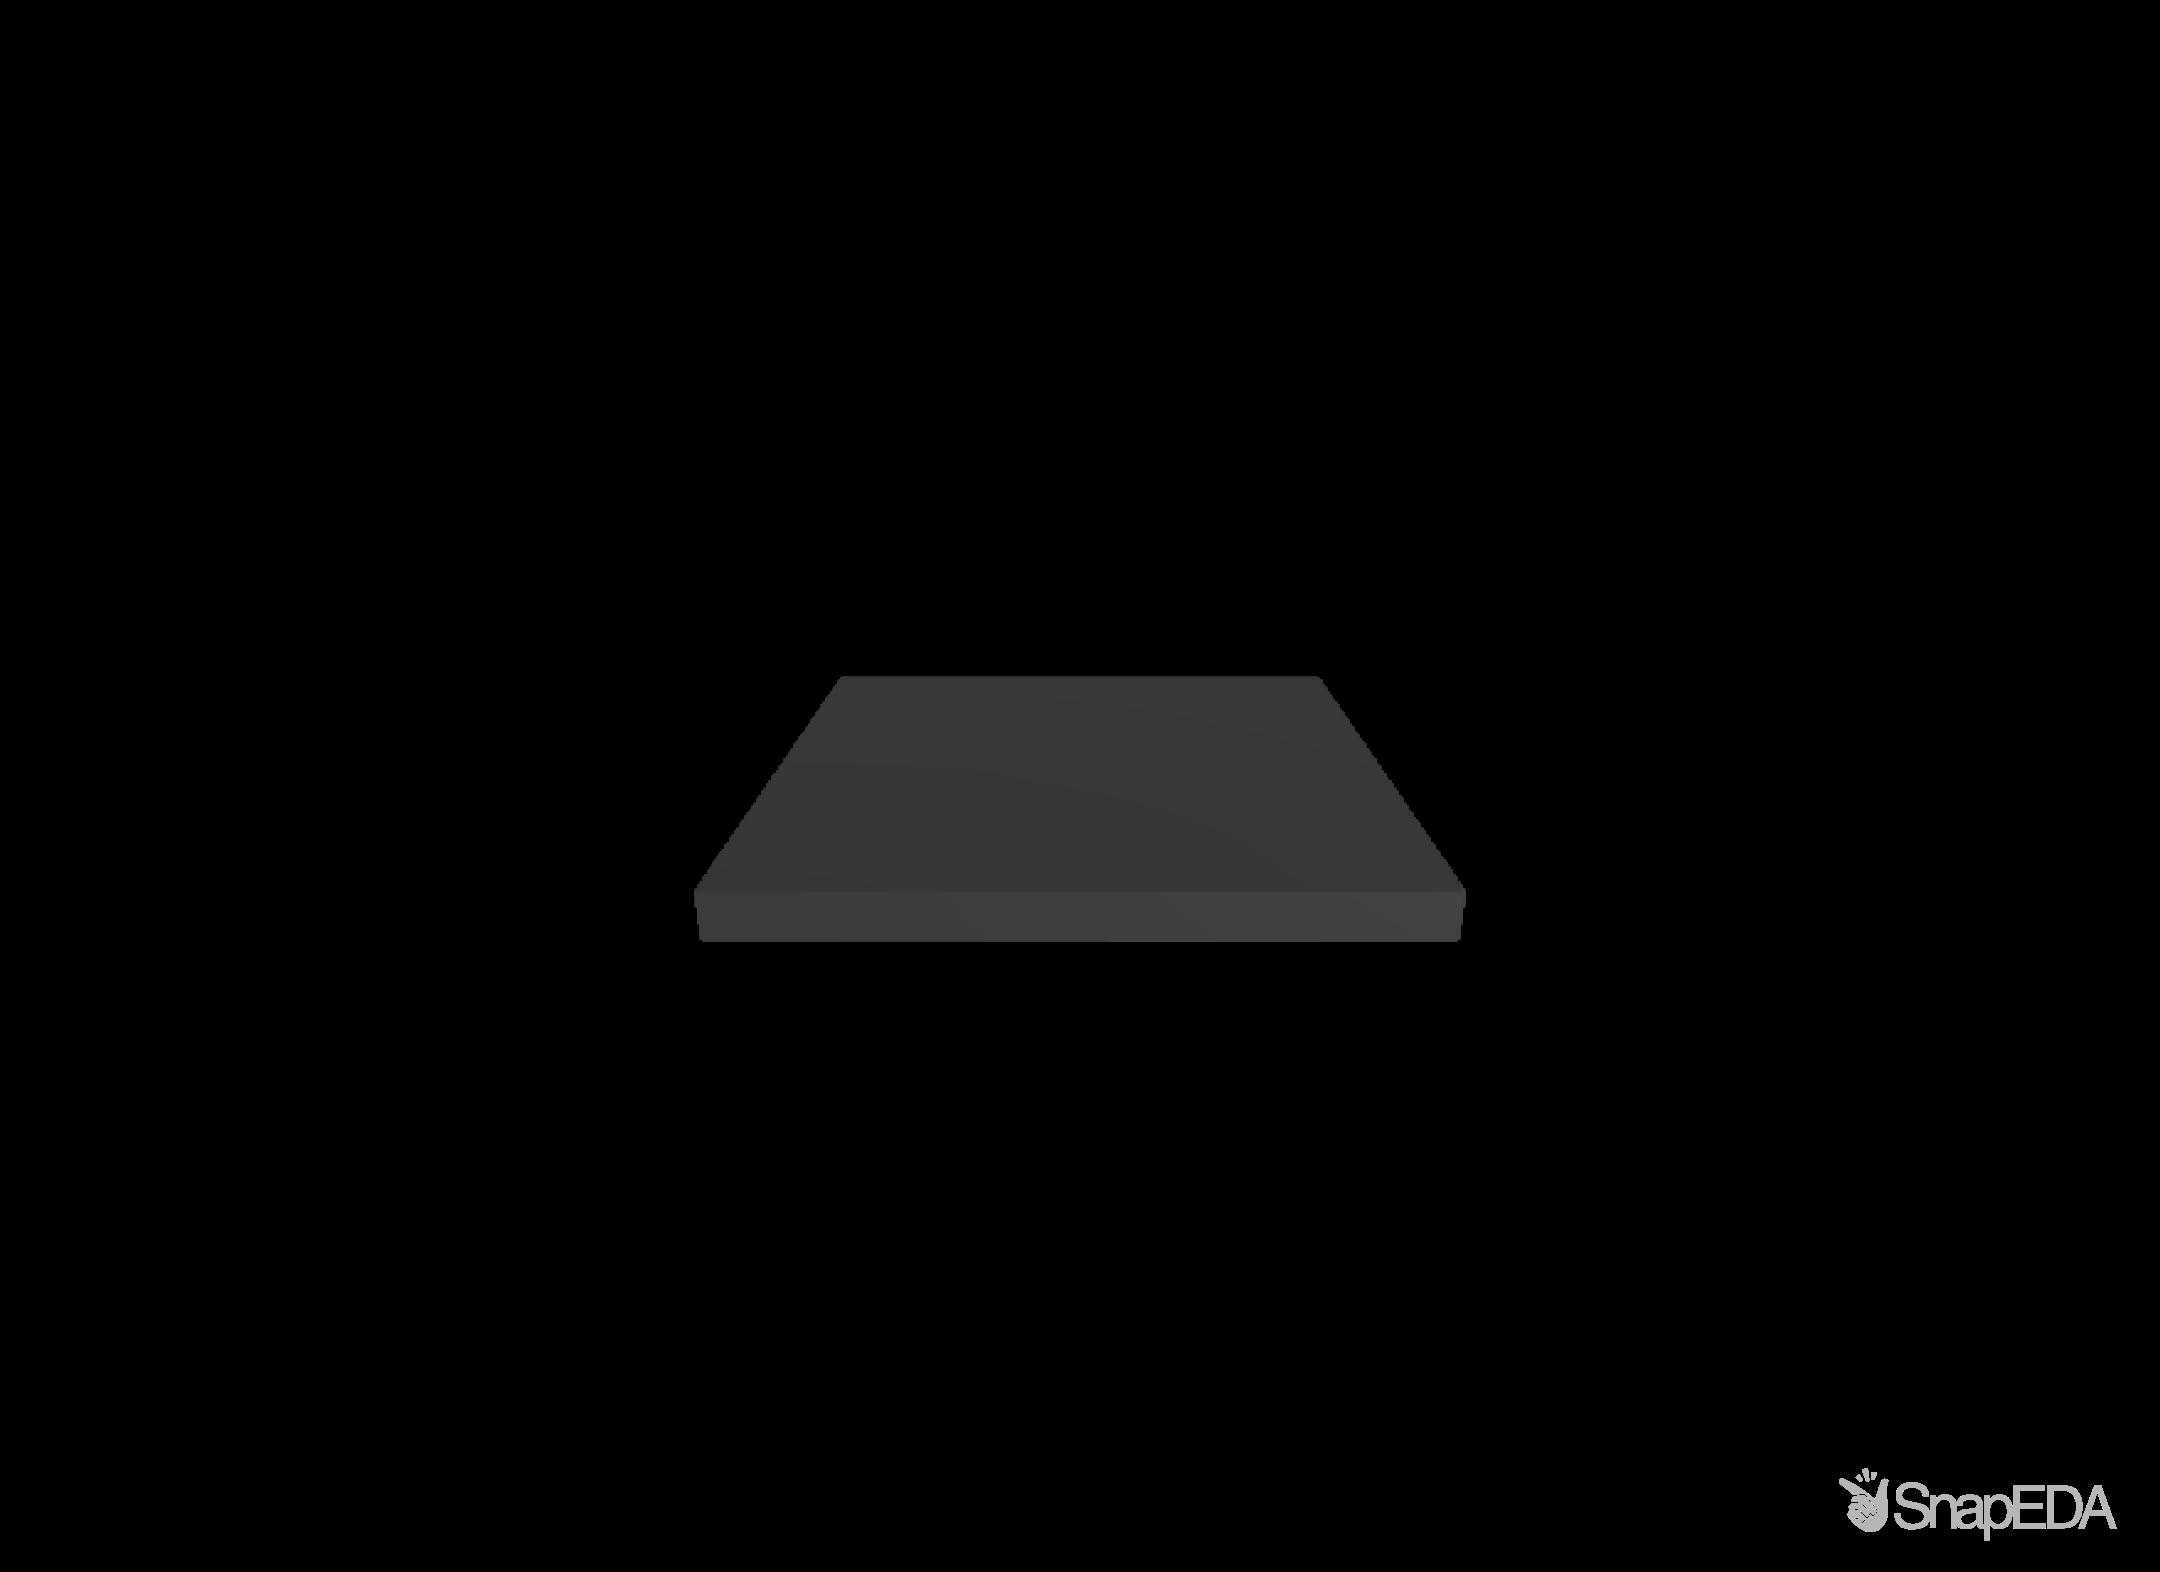 XC7Z020-1CLG400C 3D Model